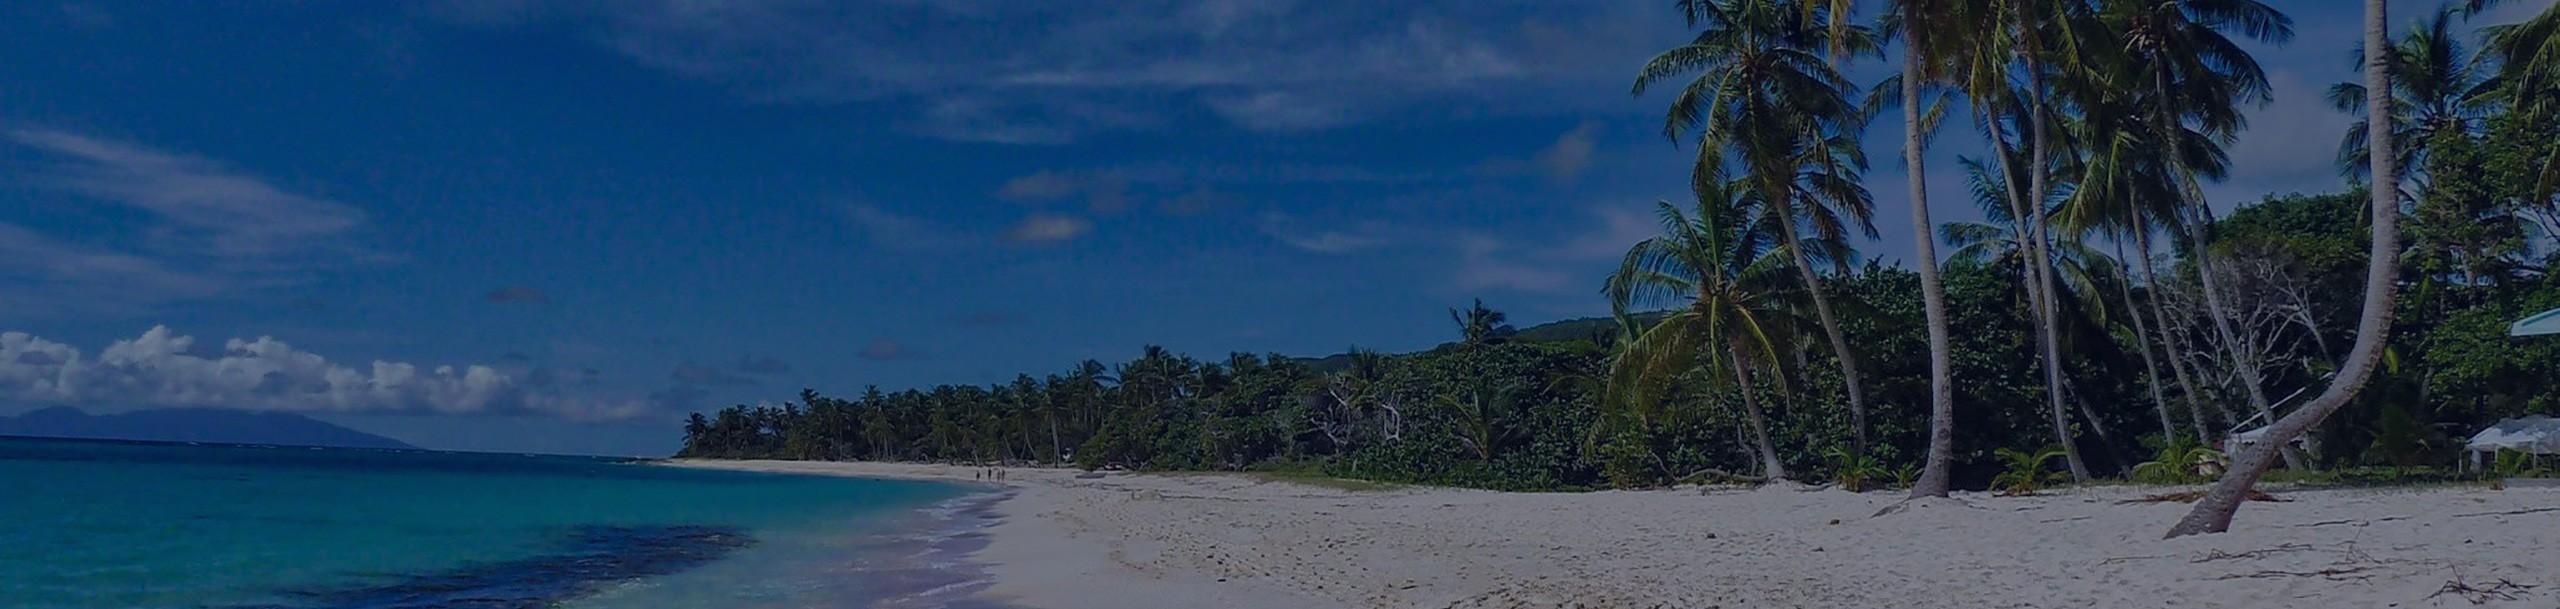 Guyane / French Guiana